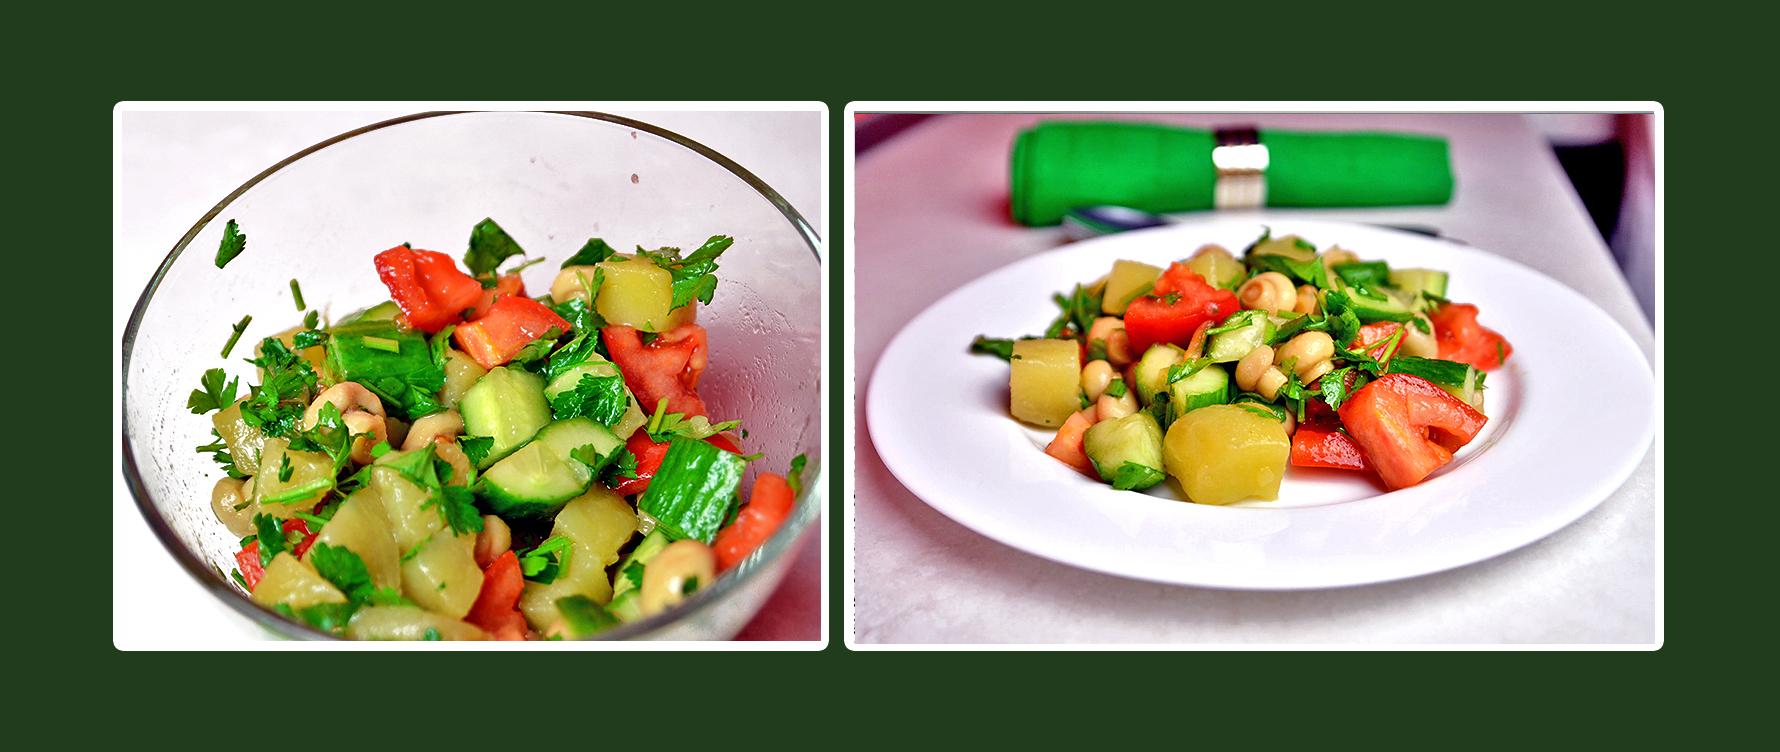 Gemüsesalat mit marinierten Champignons, Gurken, Tomaten und Petersilie